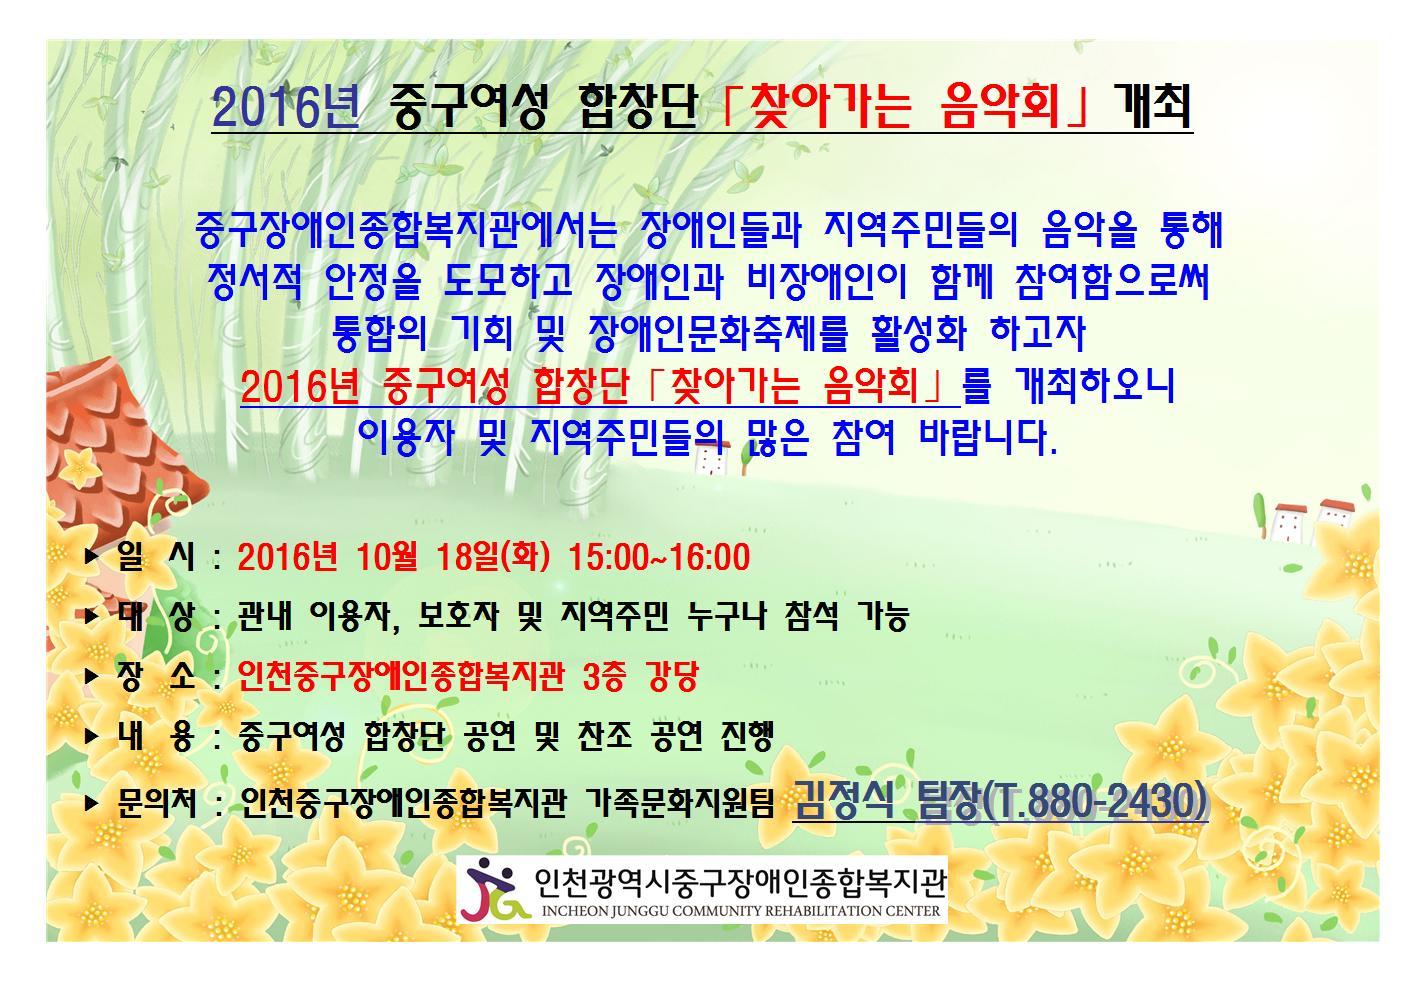 """2016년 중구여성합창단 """"찾아가는 음악회"""" 개최 안내"""